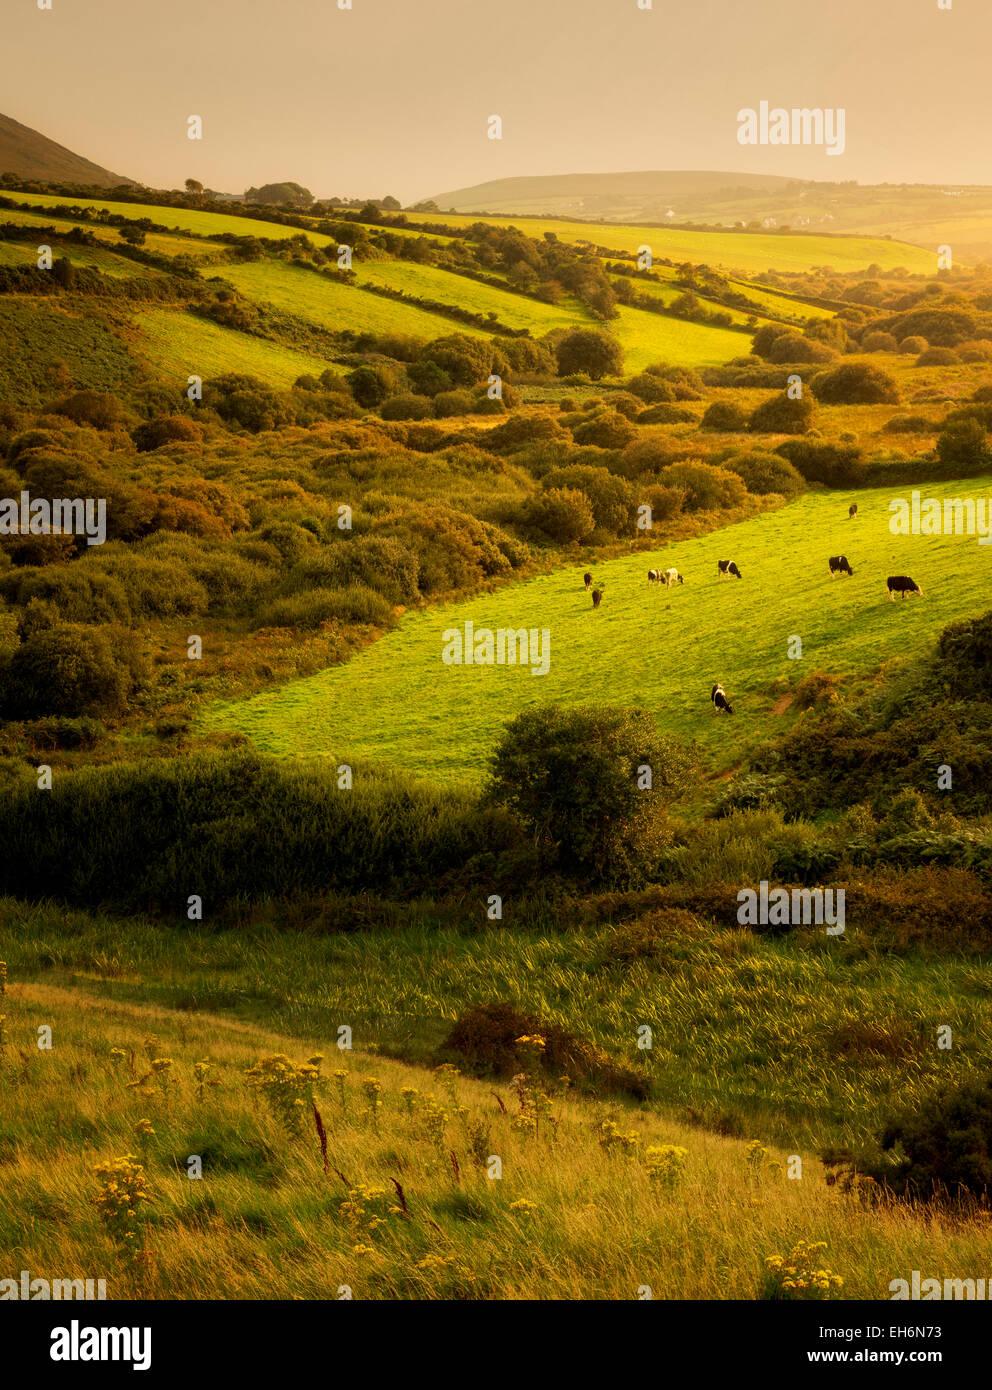 Escena pastoral con vacas y pastos. La península Dingle. Irlanda Imagen De Stock